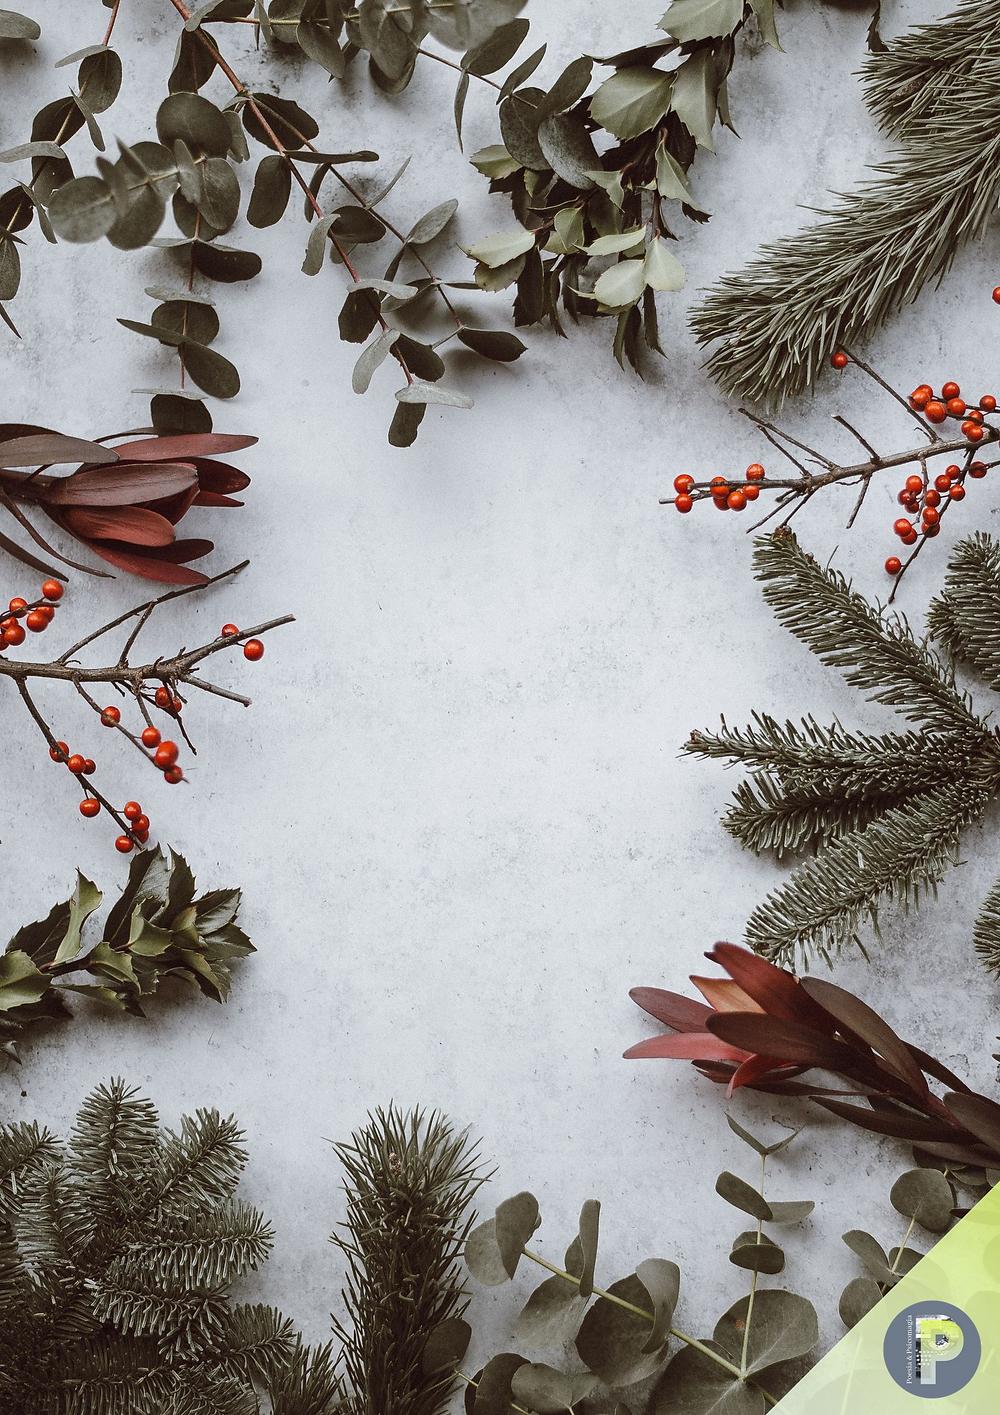 Poesie psicomagiche d'inverno - DICEMBRE